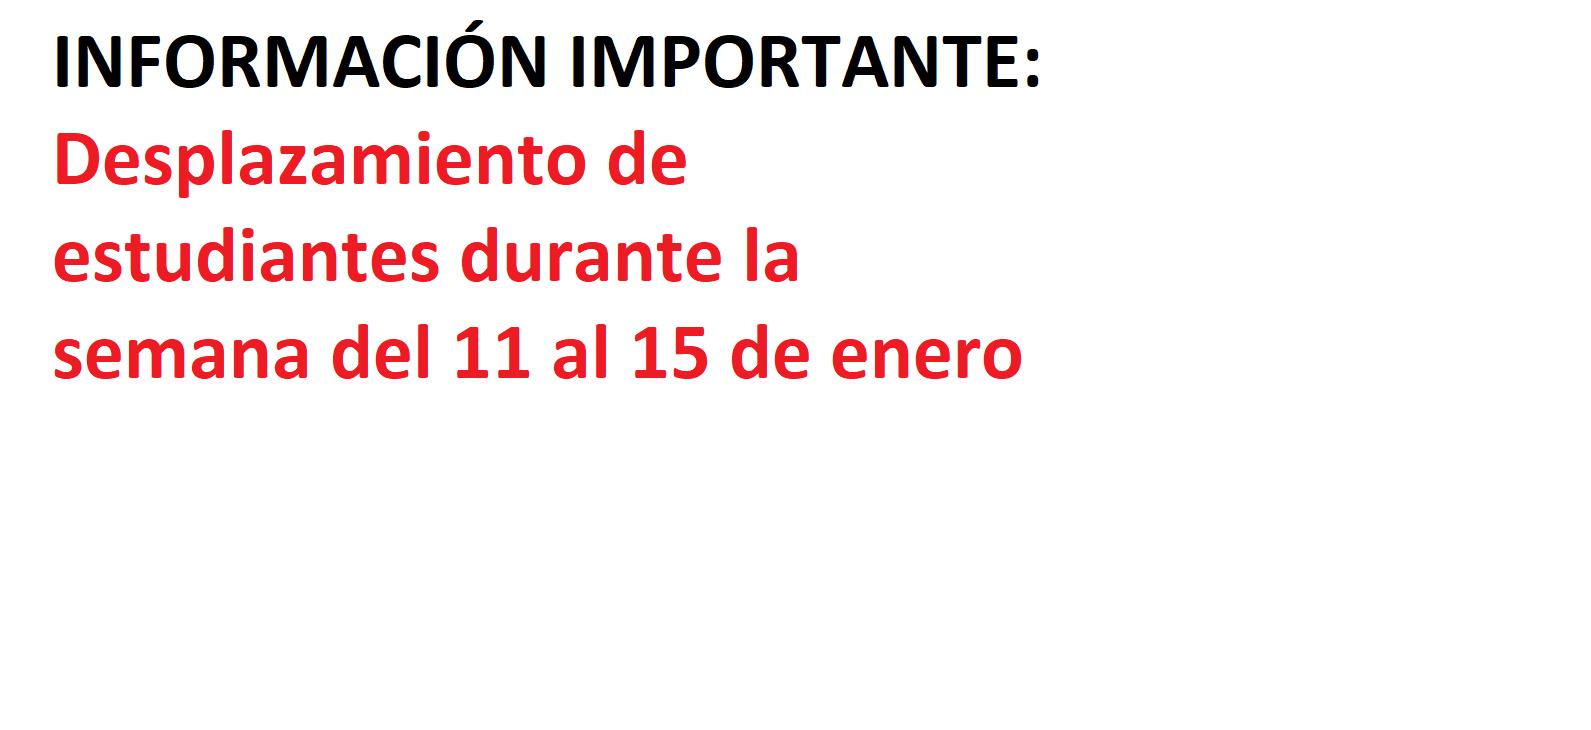 ACTIVIDAD PRESENCIAL EN LA FACULTAD: SEMANA 11-15 DE ENERO DE 2021